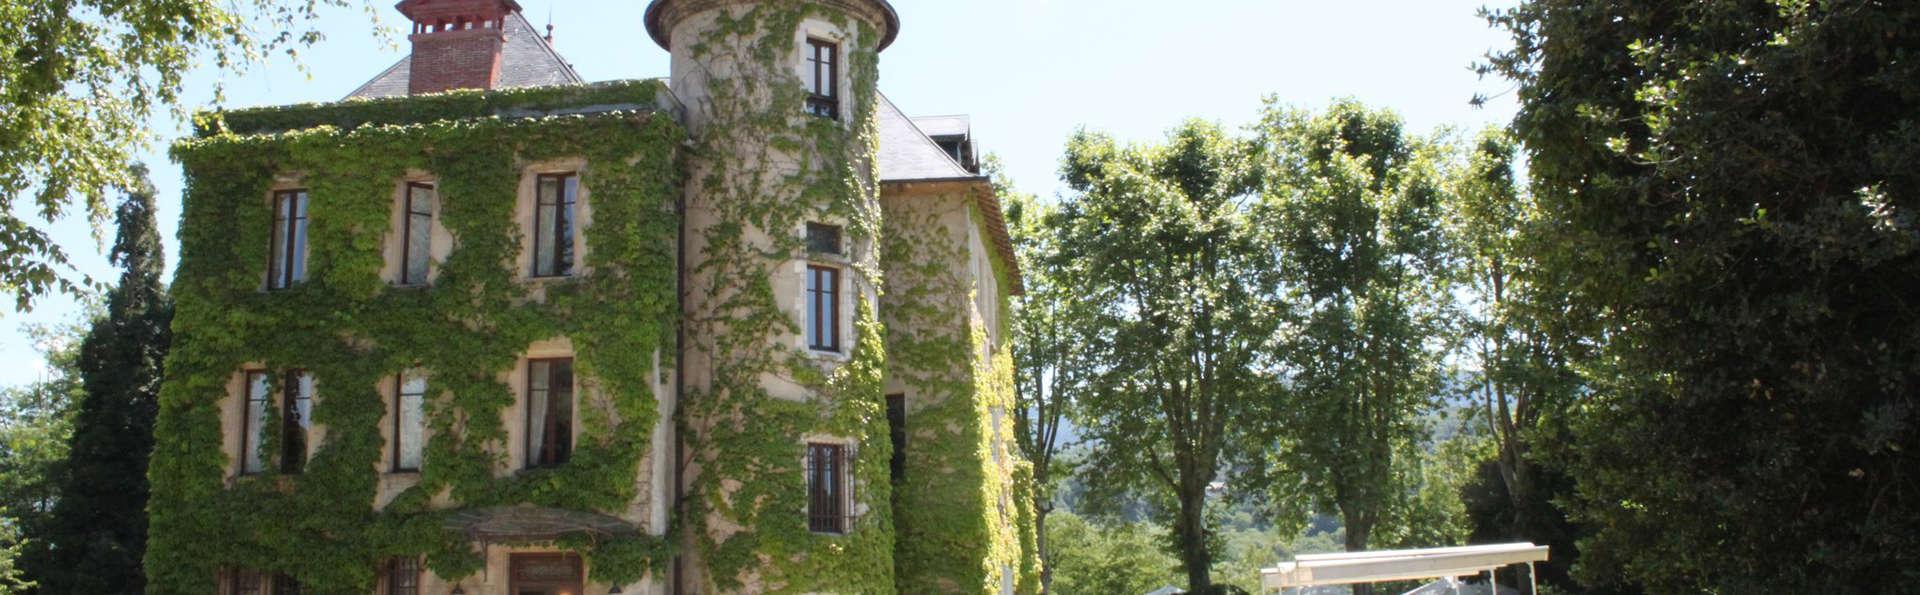 Château de la Tour du Puits - EDIT_front.jpg